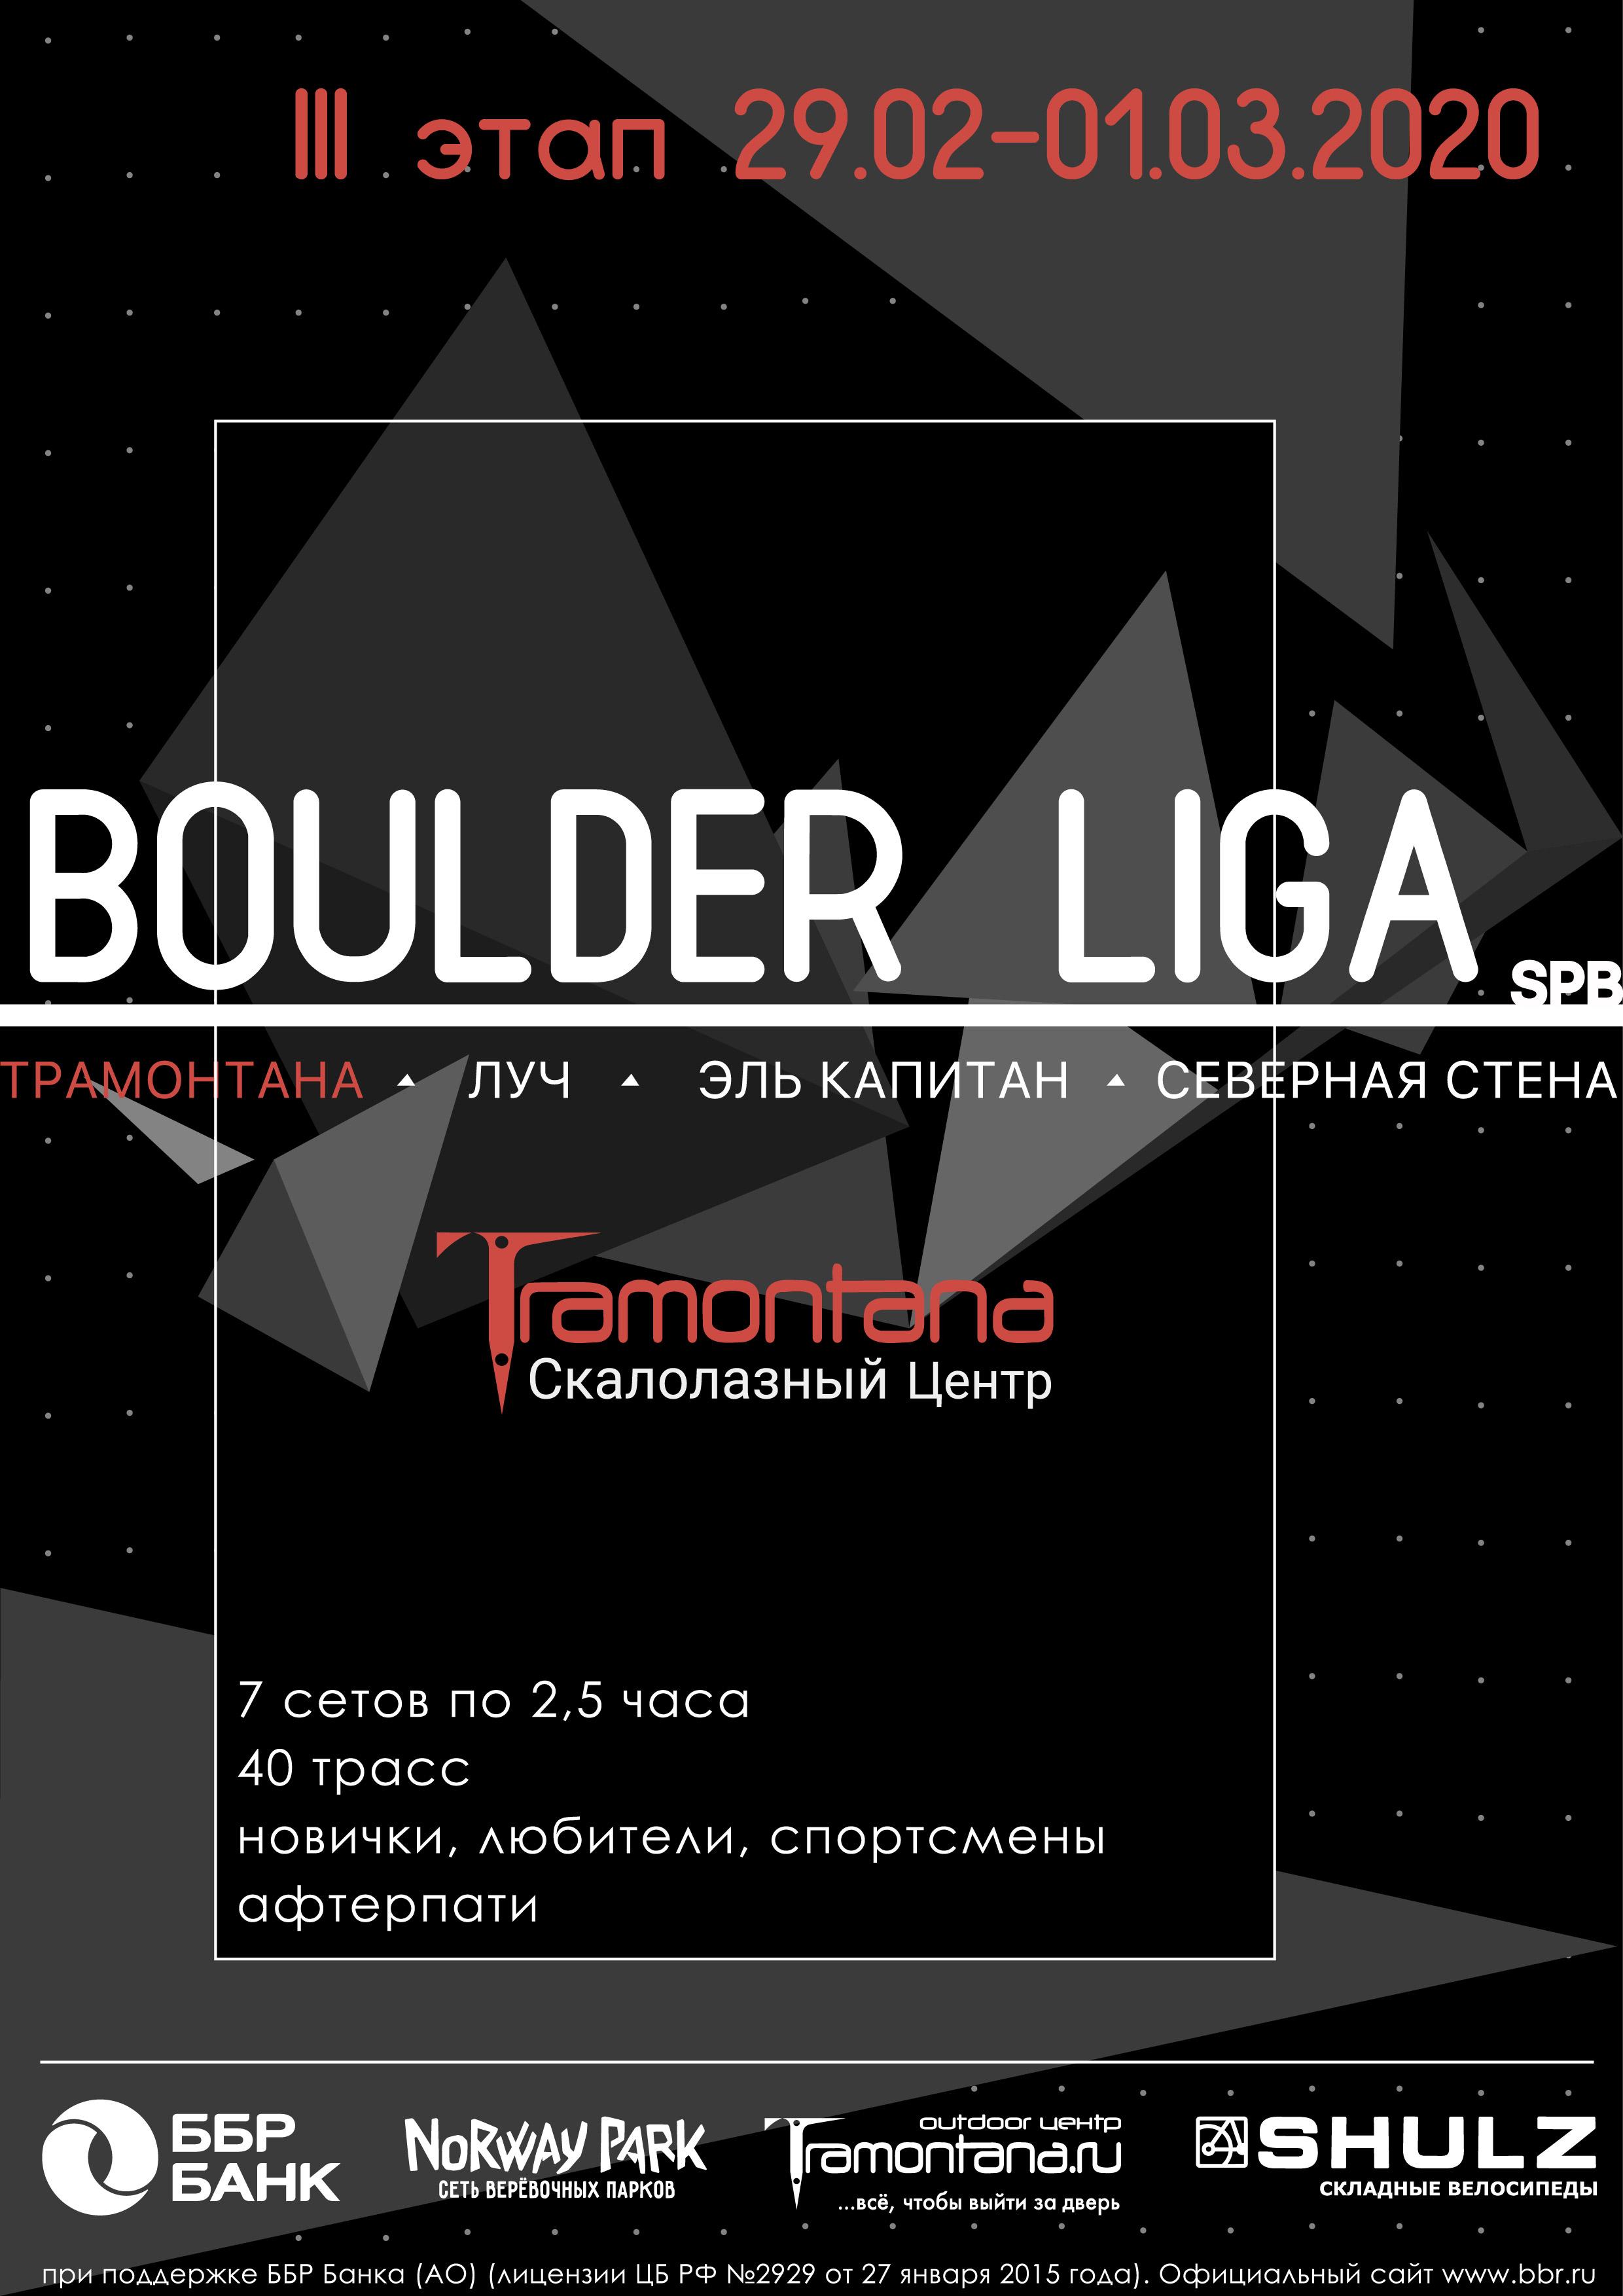 afisha_bolder_liga-03